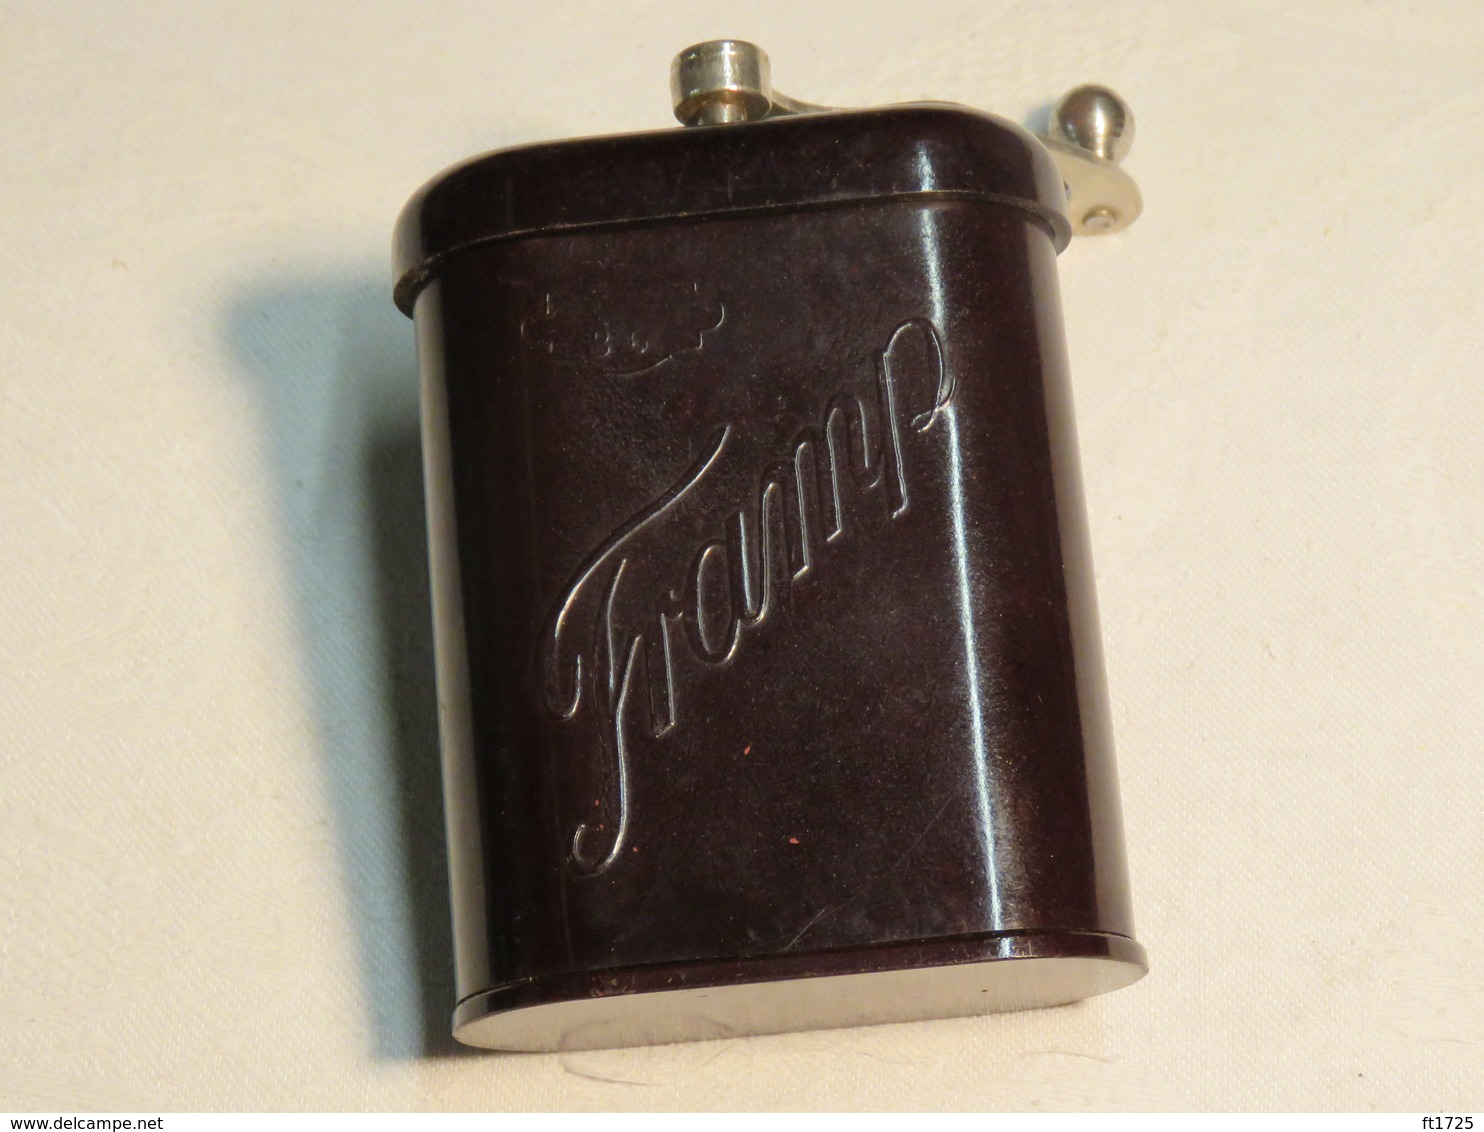 SUPERBE MOULIN A KAFFEE POUR VOTRE SOLDAT ALLEMAND 1939/45 !!! - 1939-45